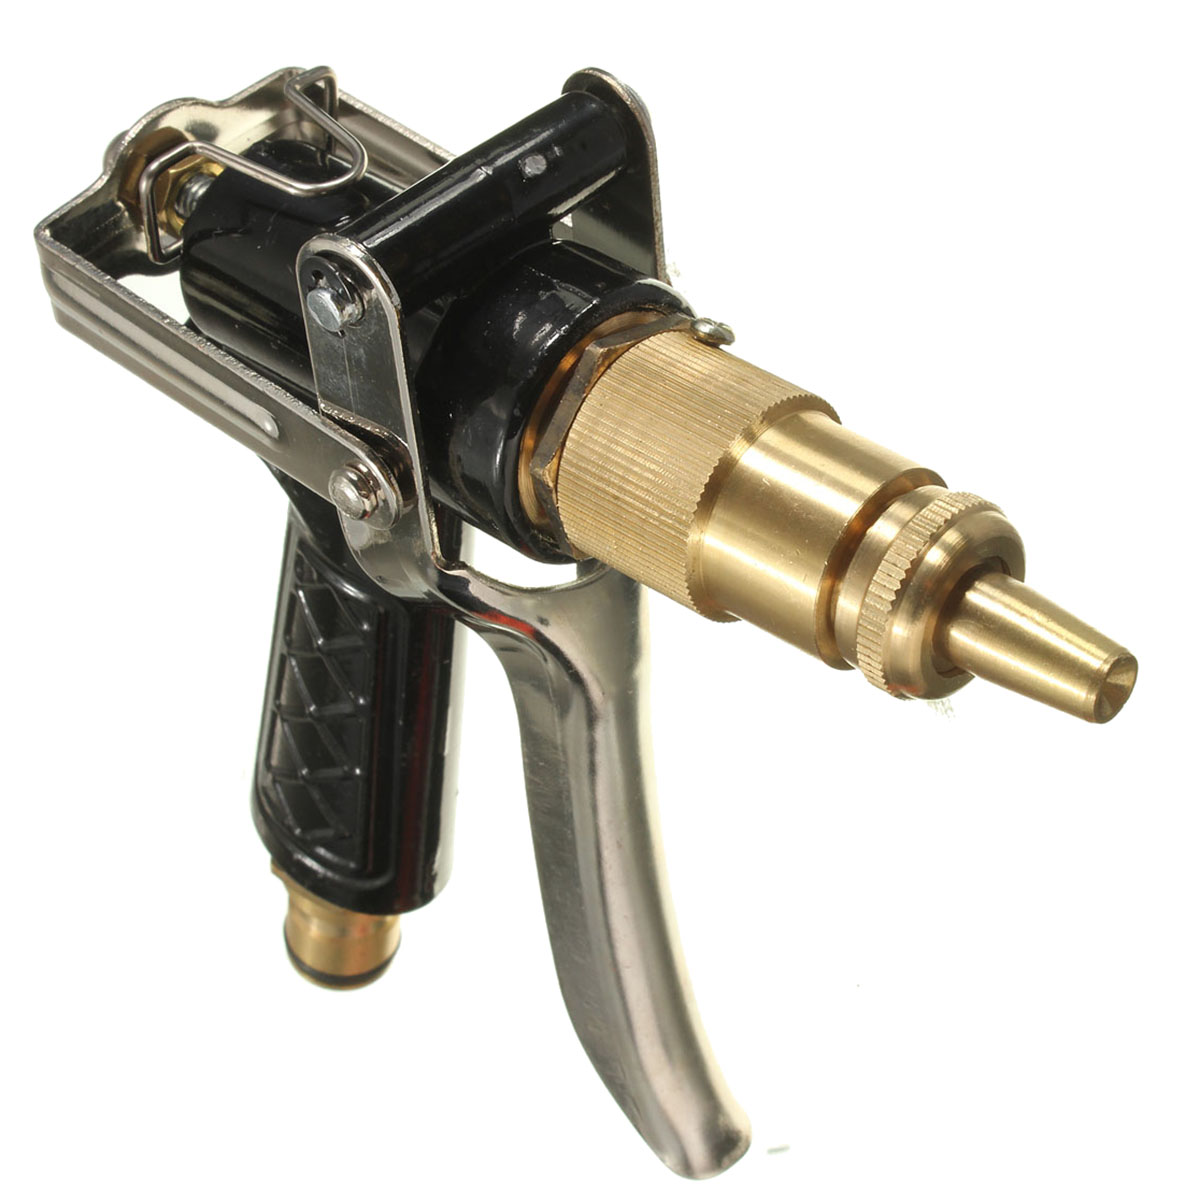 washing machine power cord adapter